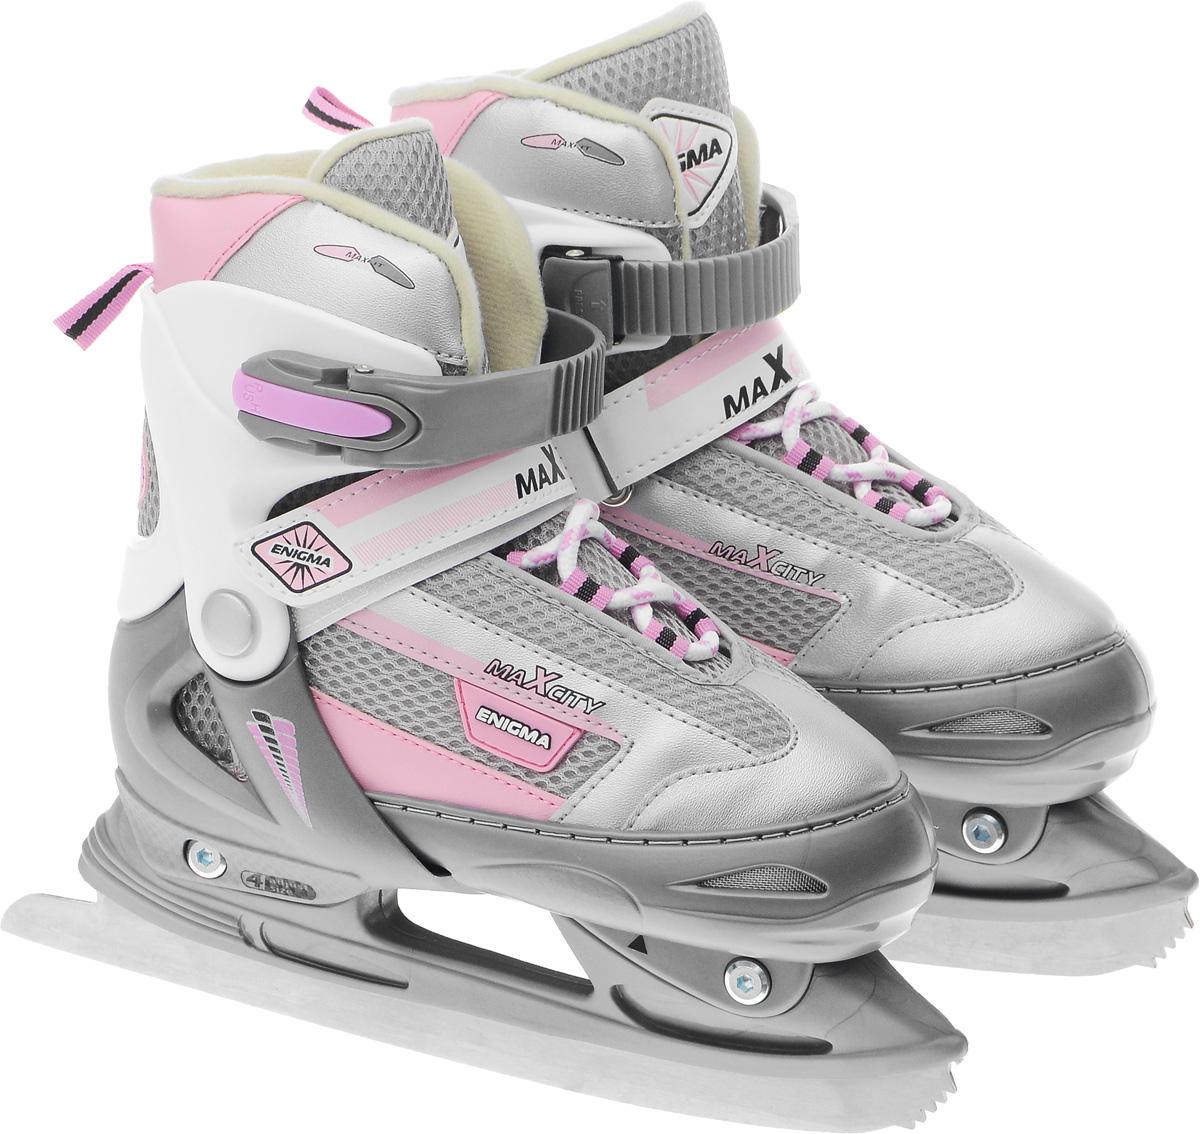 Коньки ледовые для девочки MaxCity Enigma girl, раздвижные, цвет: розовый, серый. Размер 34/37ENIGMA girl_розовый, серый_34-37Оригинальные раздвижные ледовые коньки для девочки MaxCity Enigma girl с ударопрочной защитной конструкцией отлично подойдут для начинающих обучаться катанию. Ботинки изготовлены из морозостойкого пластика, который защитит ноги от ударов. Пластиковая бакля с фиксатором, хлястик на липучке и шнуровка надежно фиксируют голеностоп. Внутренний сапожок, выполненный из мягкого вельвета, обеспечит тепло и комфорт во время катания. Фигурное лезвие изготовлено из нержавеющей стали со специальным покрытием, придающим дополнительную прочность. Изделие декорировано принтом и тиснением в виде логотипа бренда, также оригинальными нашивками. Задняя часть коньков дополнена ярлычком для более удобного надевания обуви. Особенностью коньков является раздвижная конструкция, которая позволяет увеличивать длину ботинка на 4 размера по мере роста ноги ребенка. У сапожка с боку имеется специальная кнопка, которая позволит увеличить его размер. Стильные коньки придутся по душе вашему...